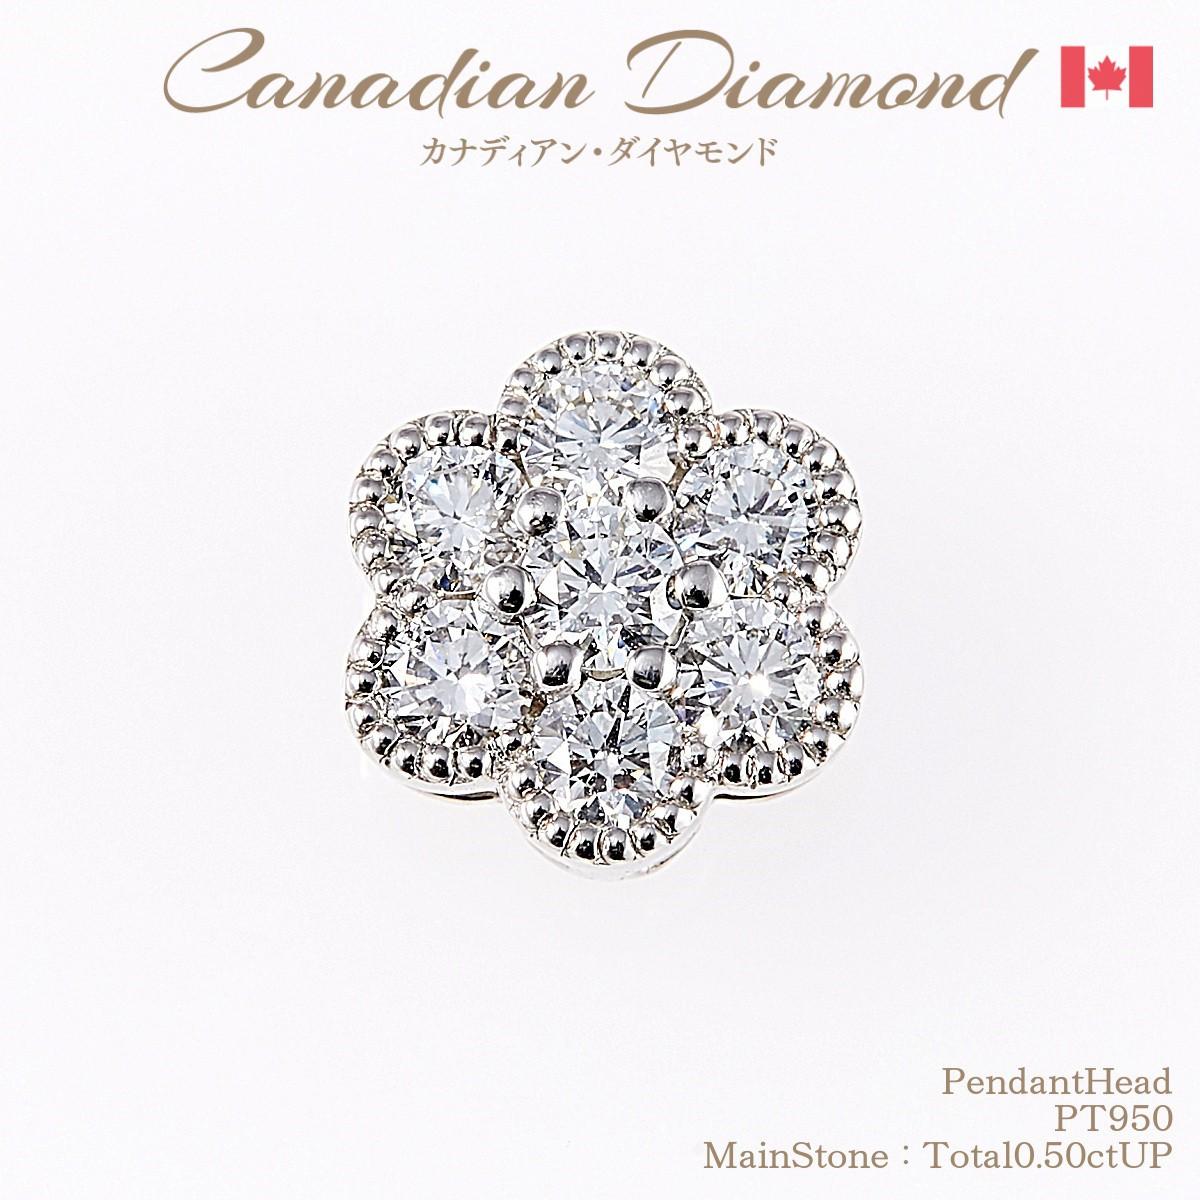 贈呈 世界の有名ブランドに愛され ダイヤモンドの中でも格別の煌めきを持つカナディアンダイヤモンドを贅沢に使用扱える企業が少なく市場にはほぼ出回らない貴重なダイヤをこの価格で カナディアンダイヤモンドペンダントヘッド 計0.50ctUP アウトレット PT900